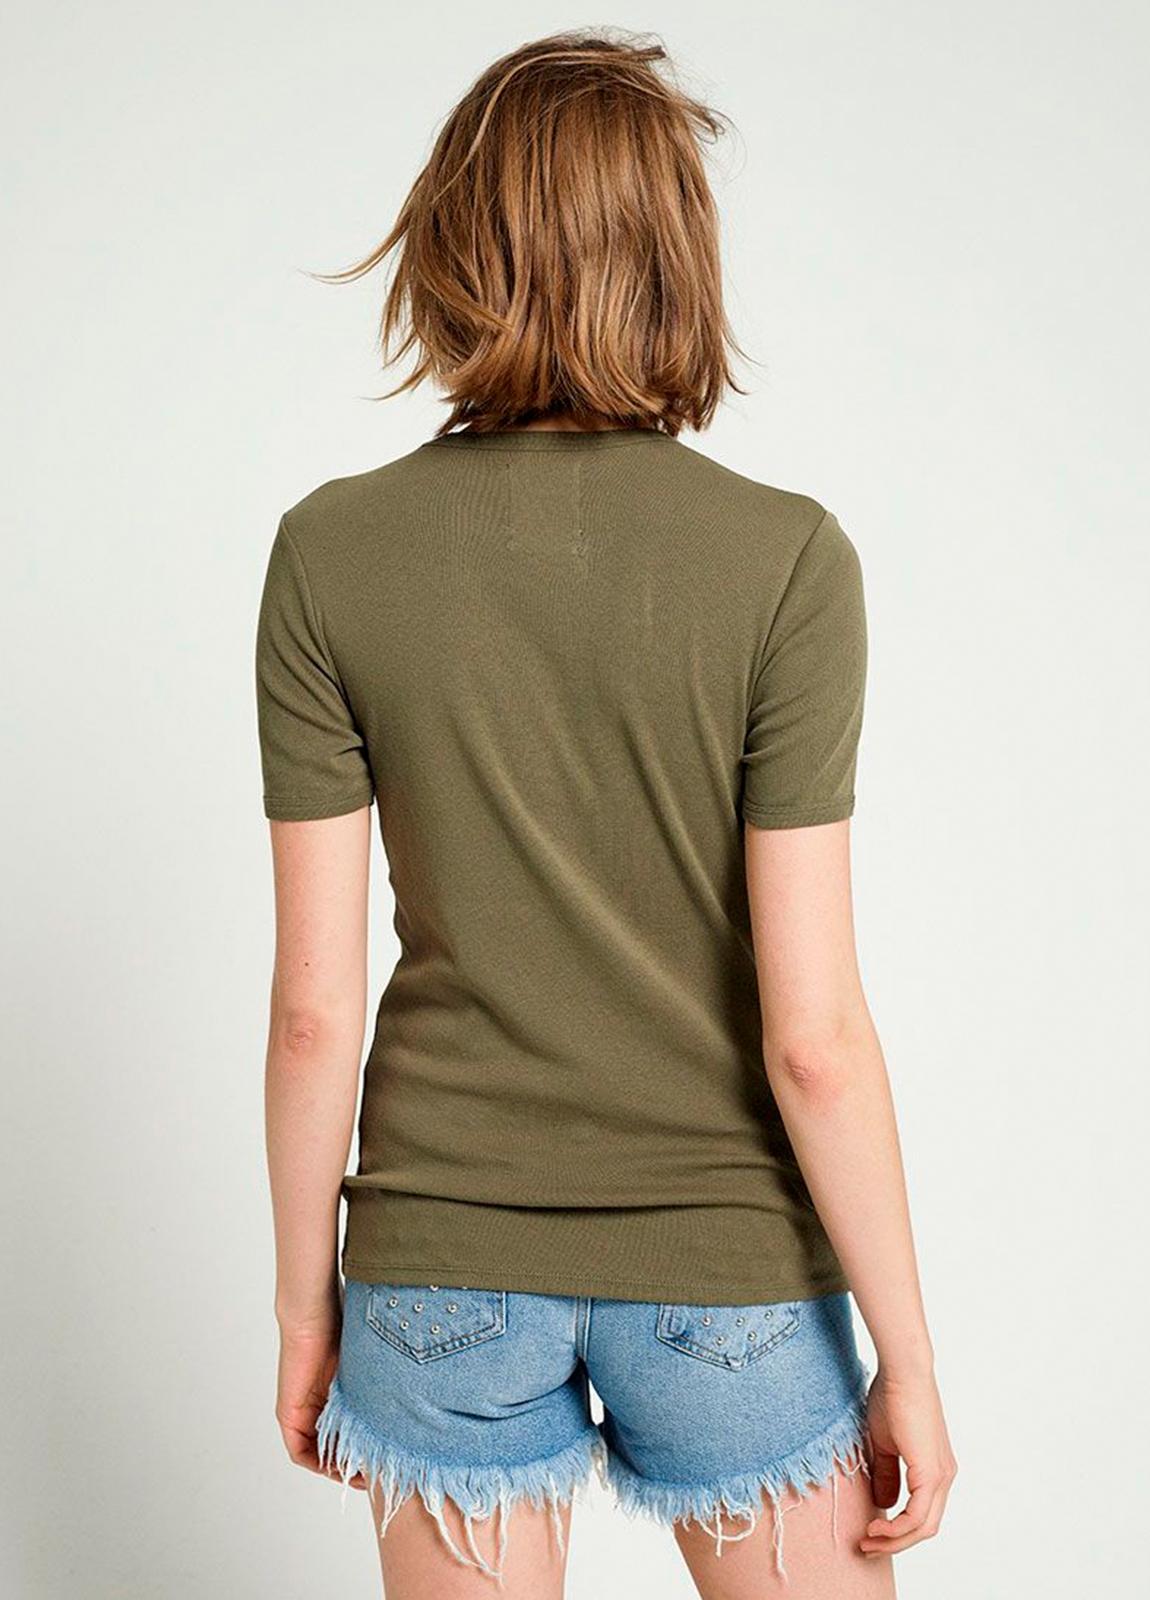 Camiseta manga corta color kaki con estampado gráfico. 100% Algodón. - Ítem1